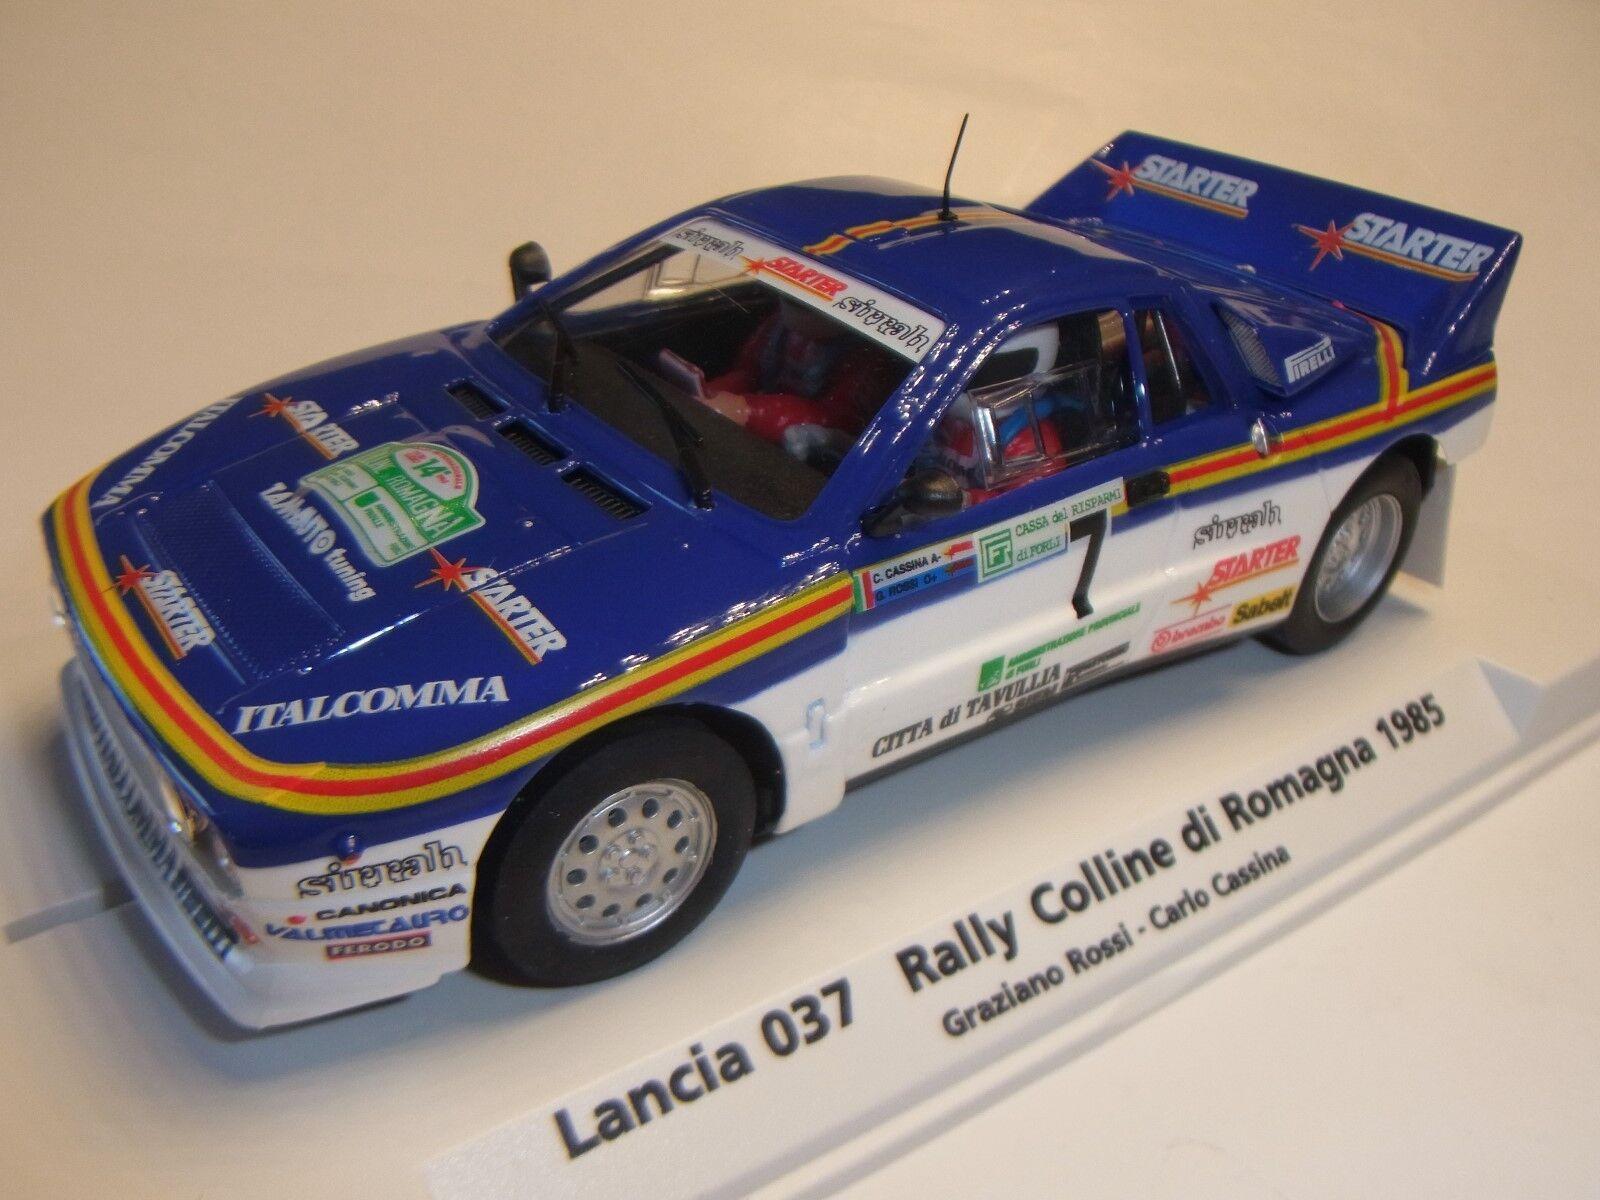 FLY Lancia 037 Rally Colline di Romagna 1985 Pista per auto 1 3 2 SLOTCAR